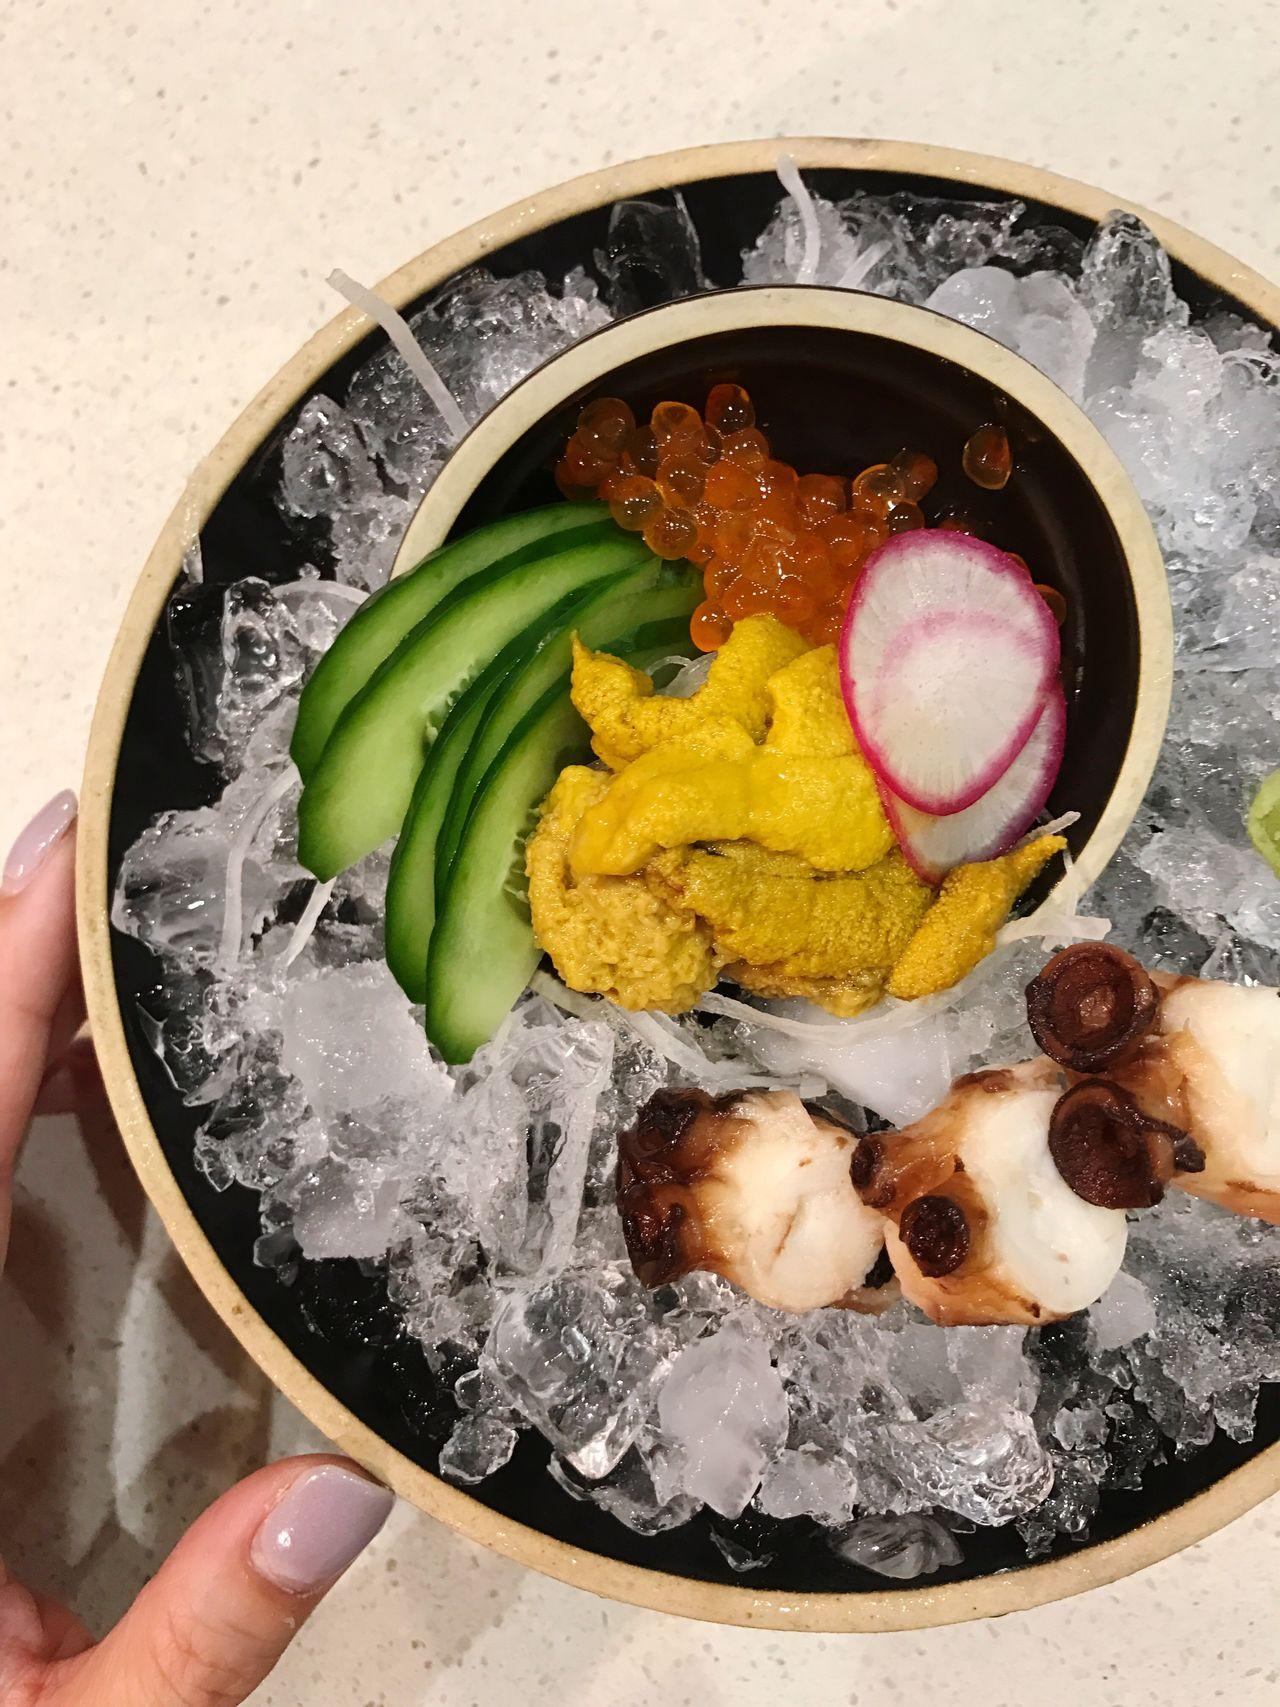 Japanese Food In My Mouf | Sea Urchin & Octopus Sashimi Dinner 😋